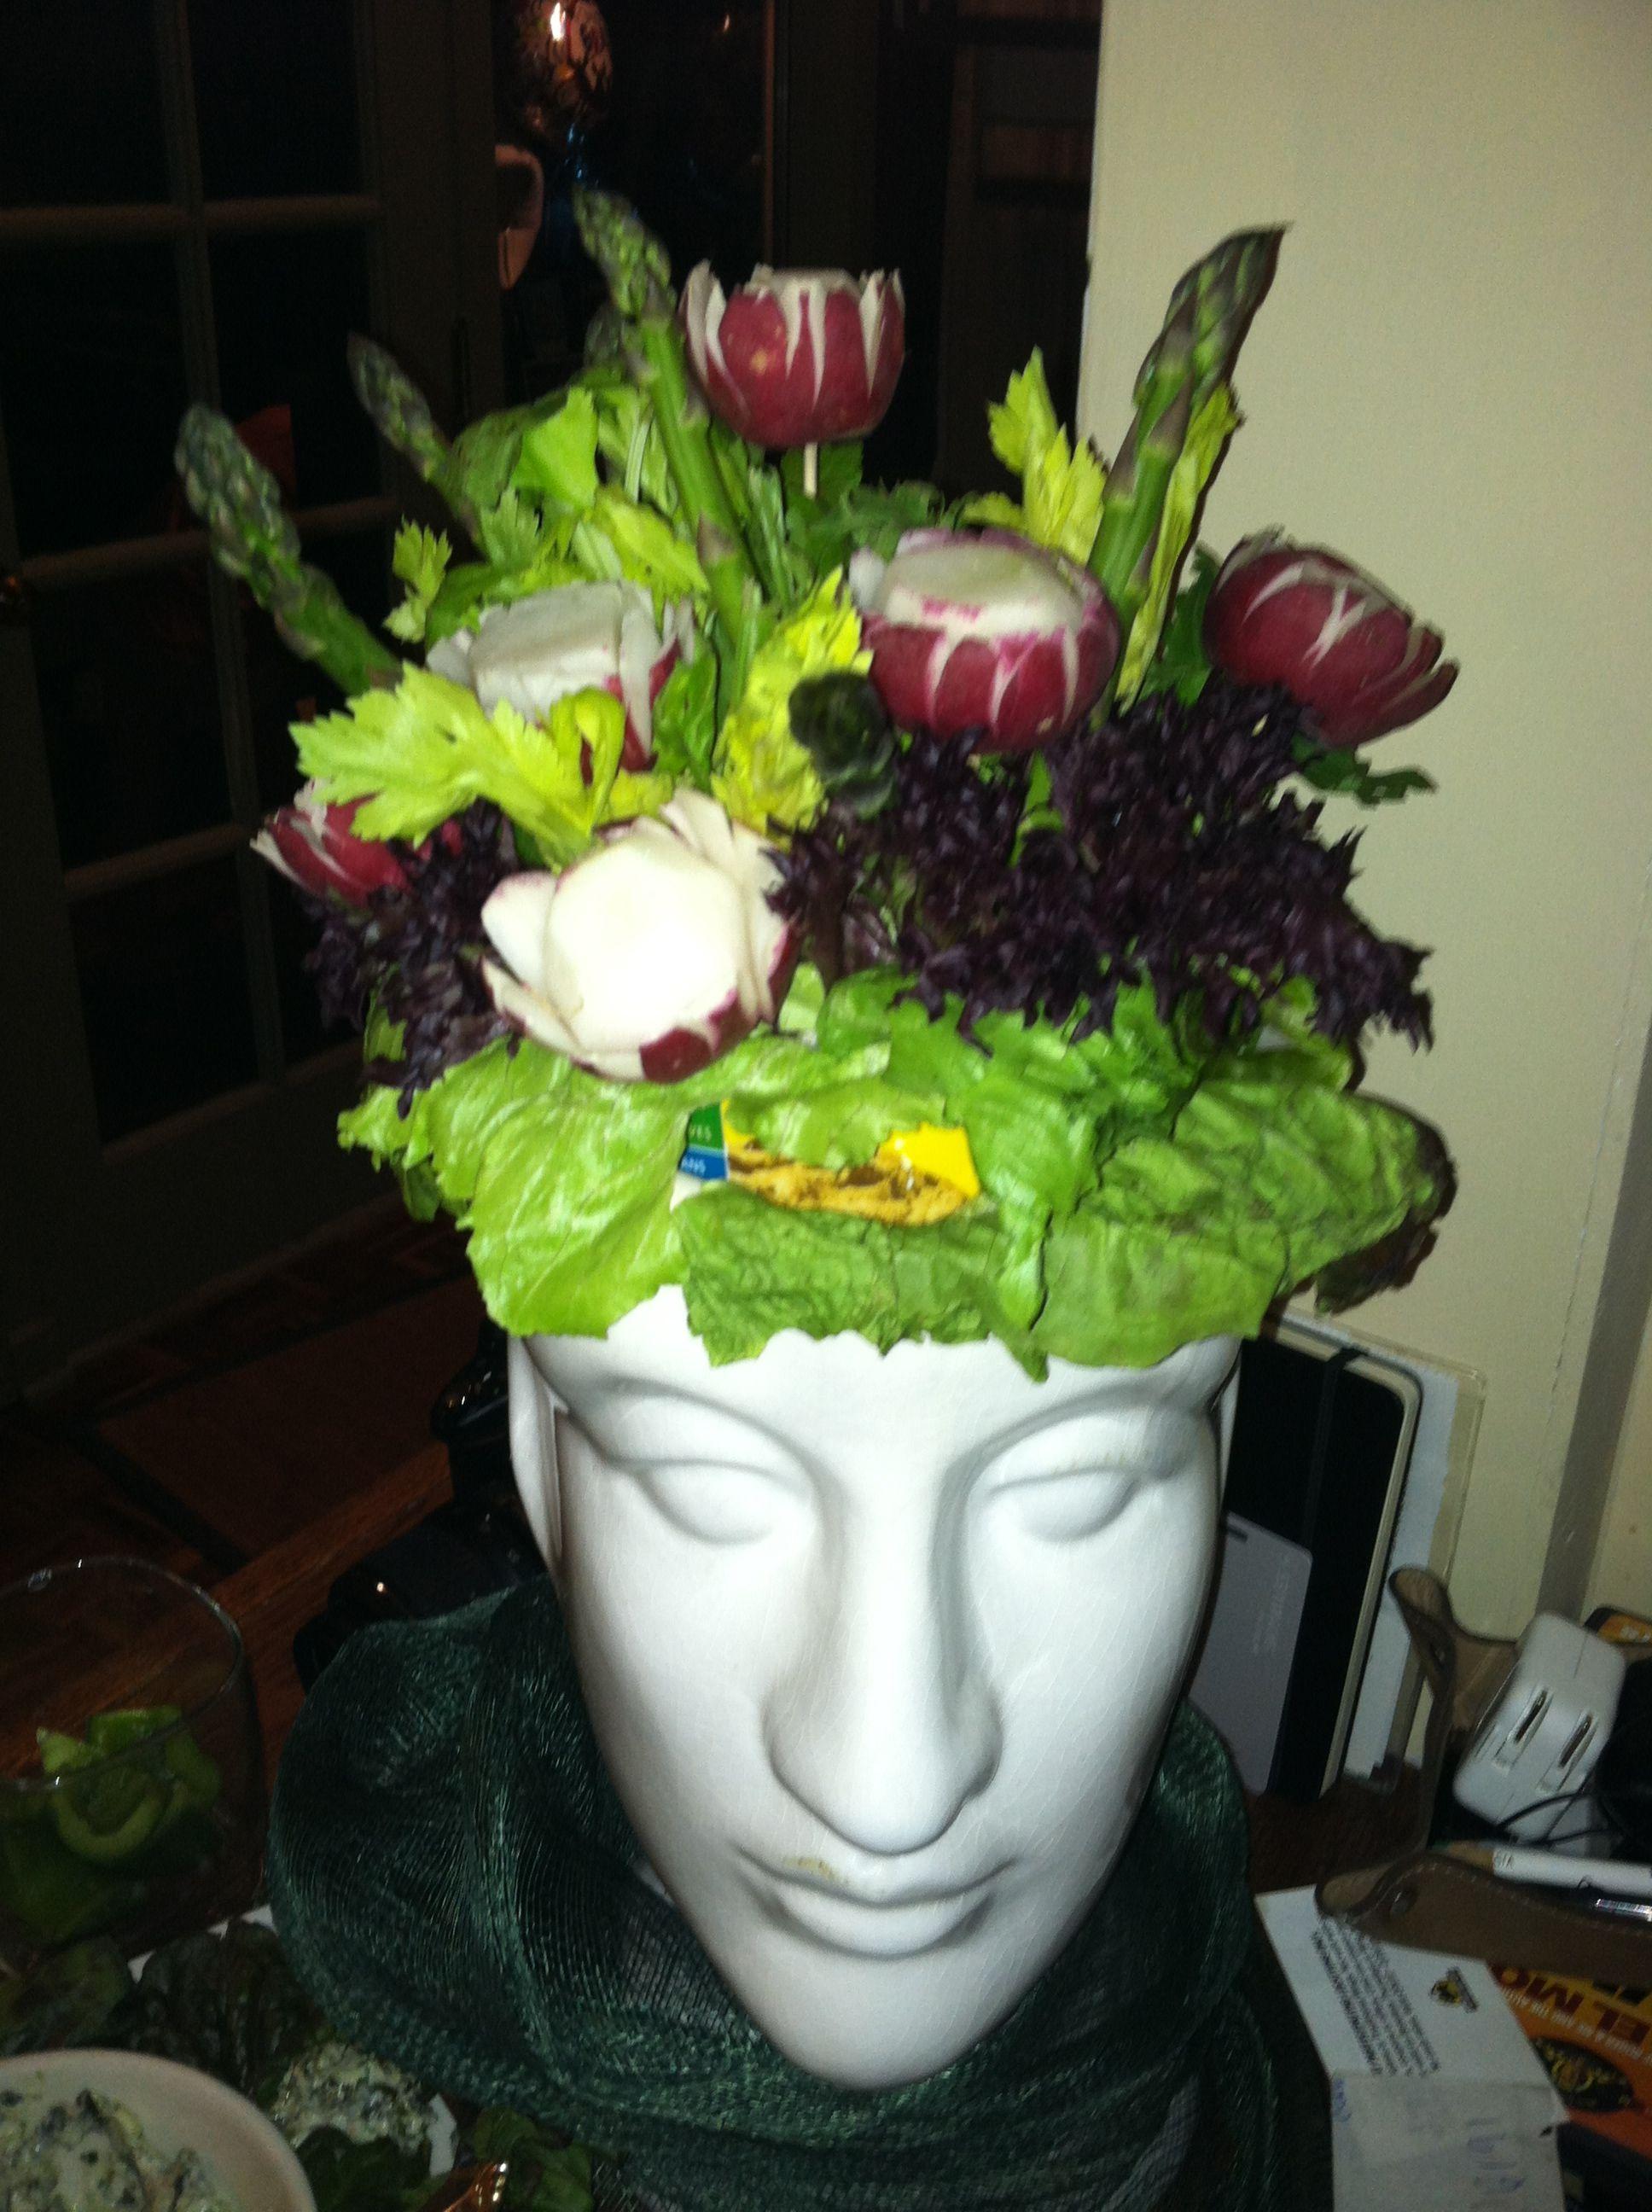 Use a flower pot to make an edible veggie arrangement